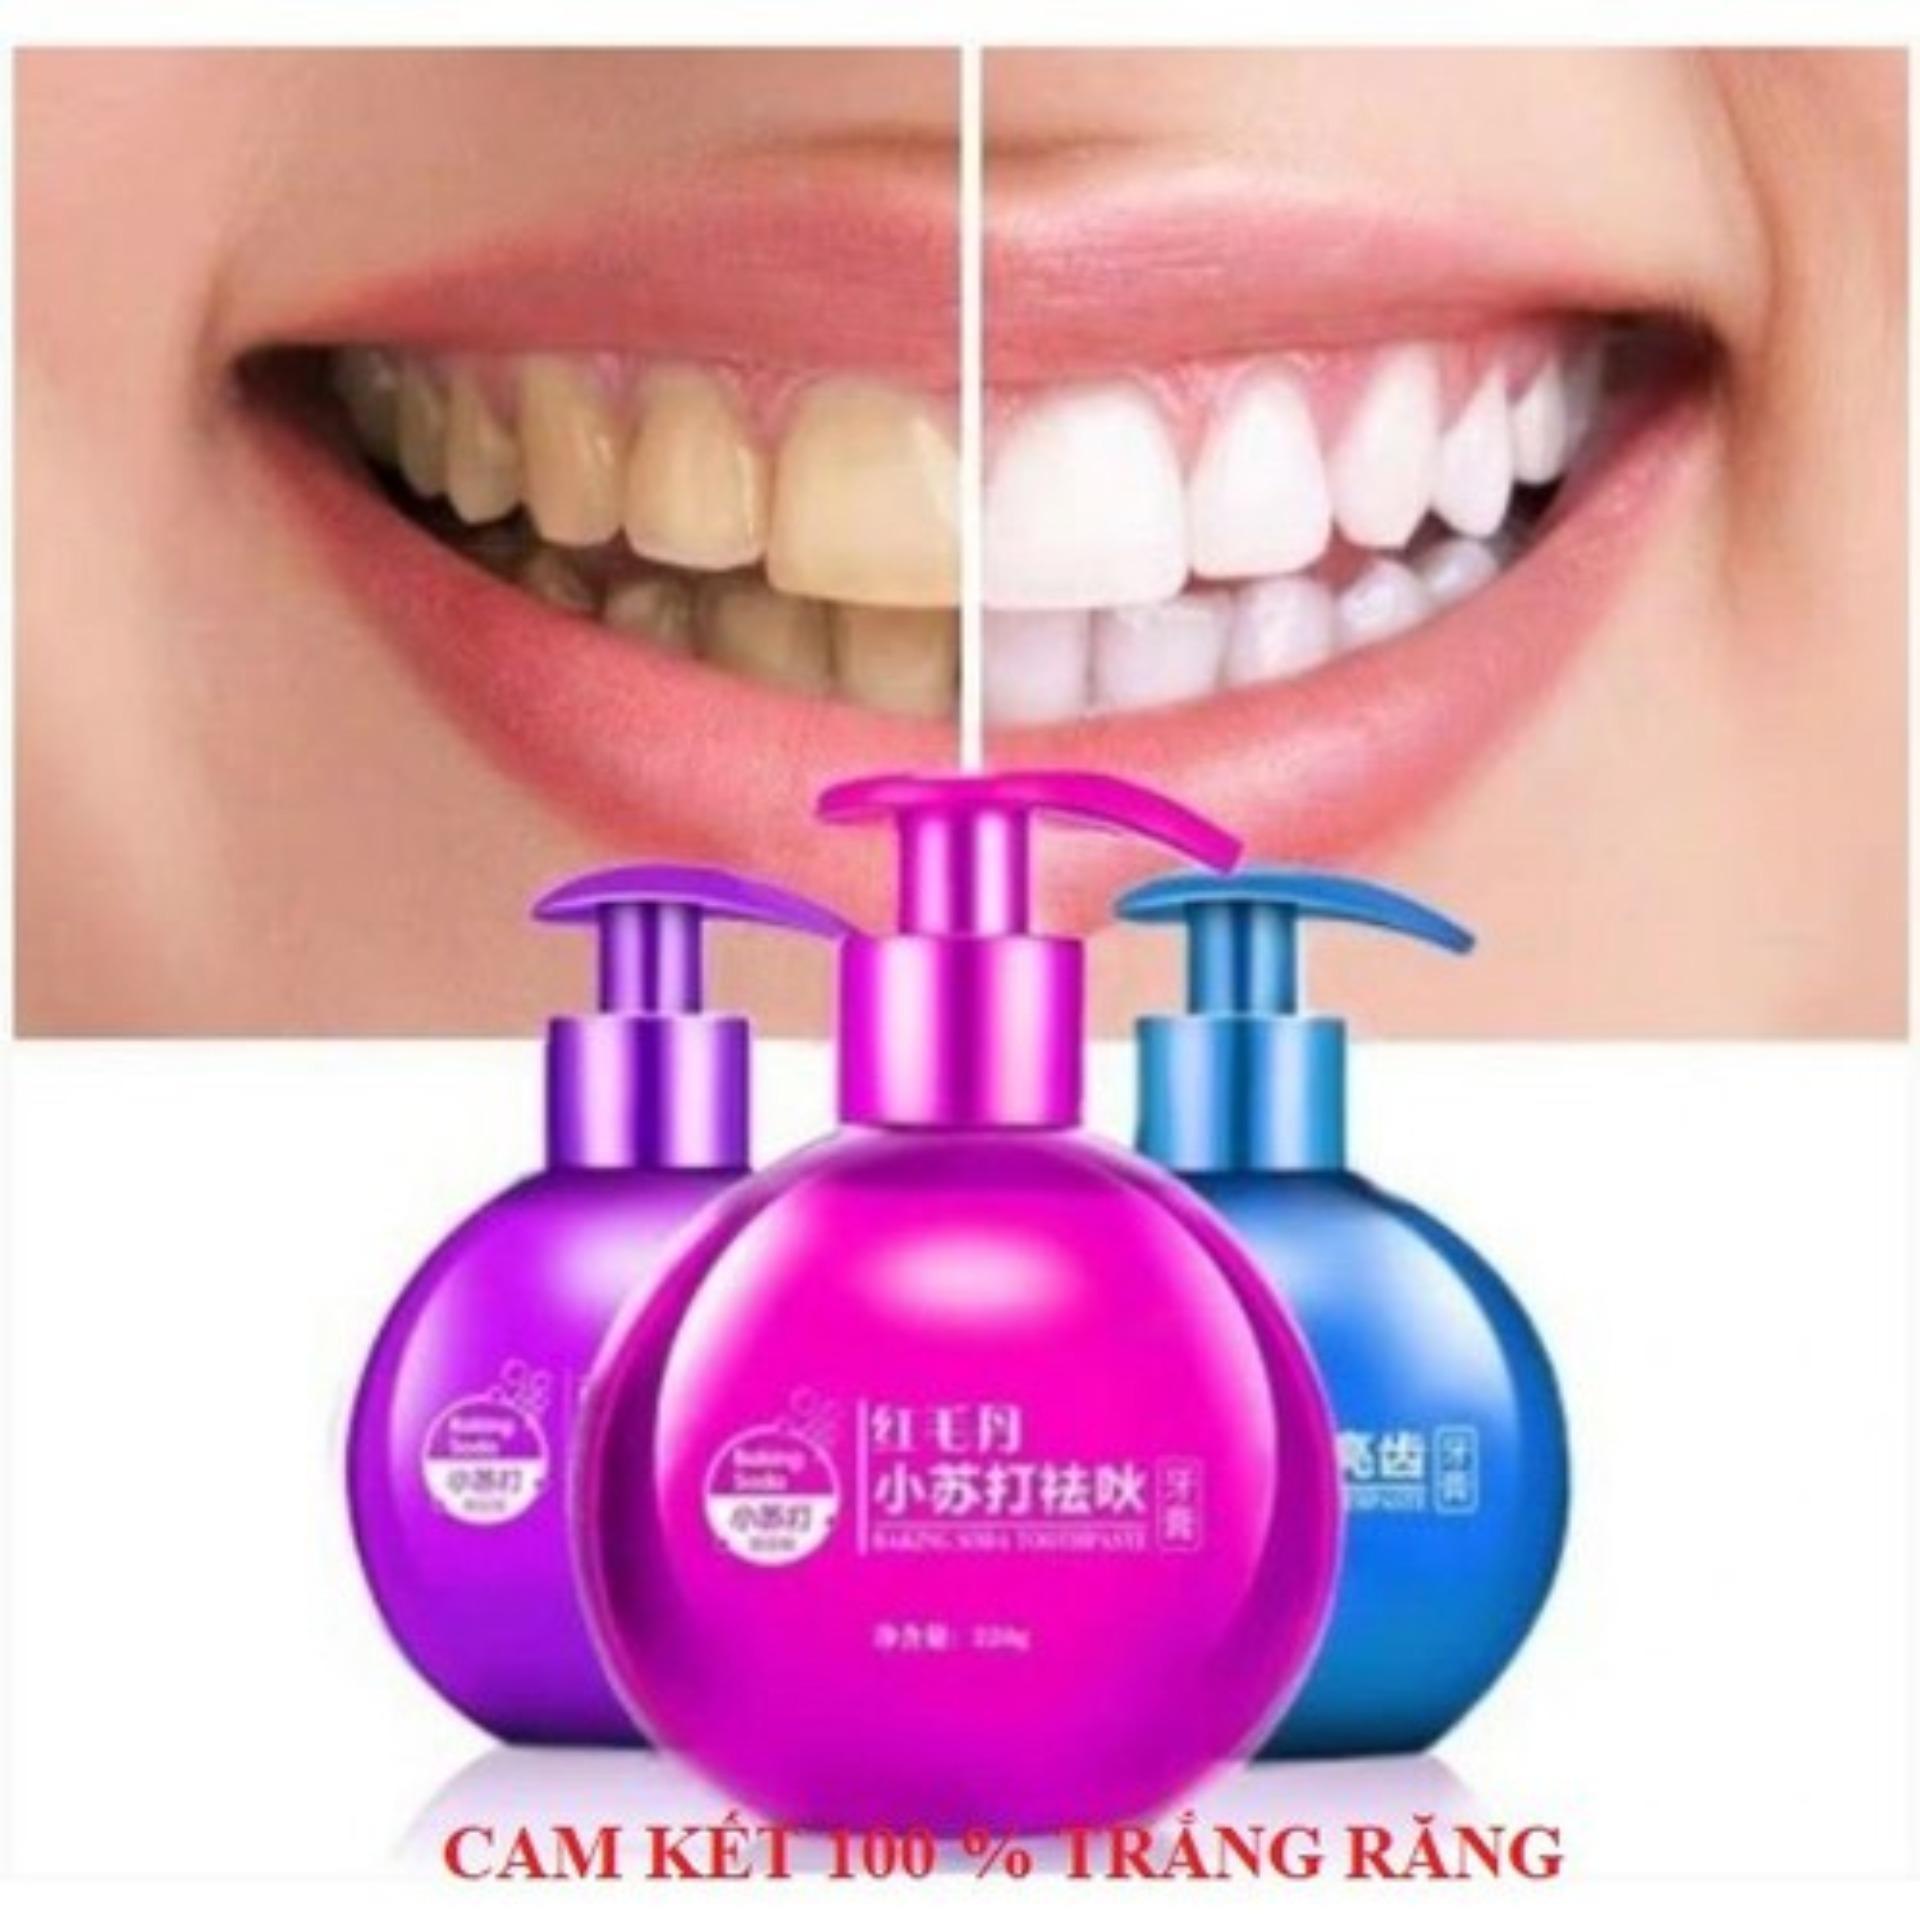 Kem Trắng răng Nhật Bản hiệu quả - công nghệ làm sạch Nano - Tẩy vết ố trên răng hiệu quả - Cho hàm răng trắng